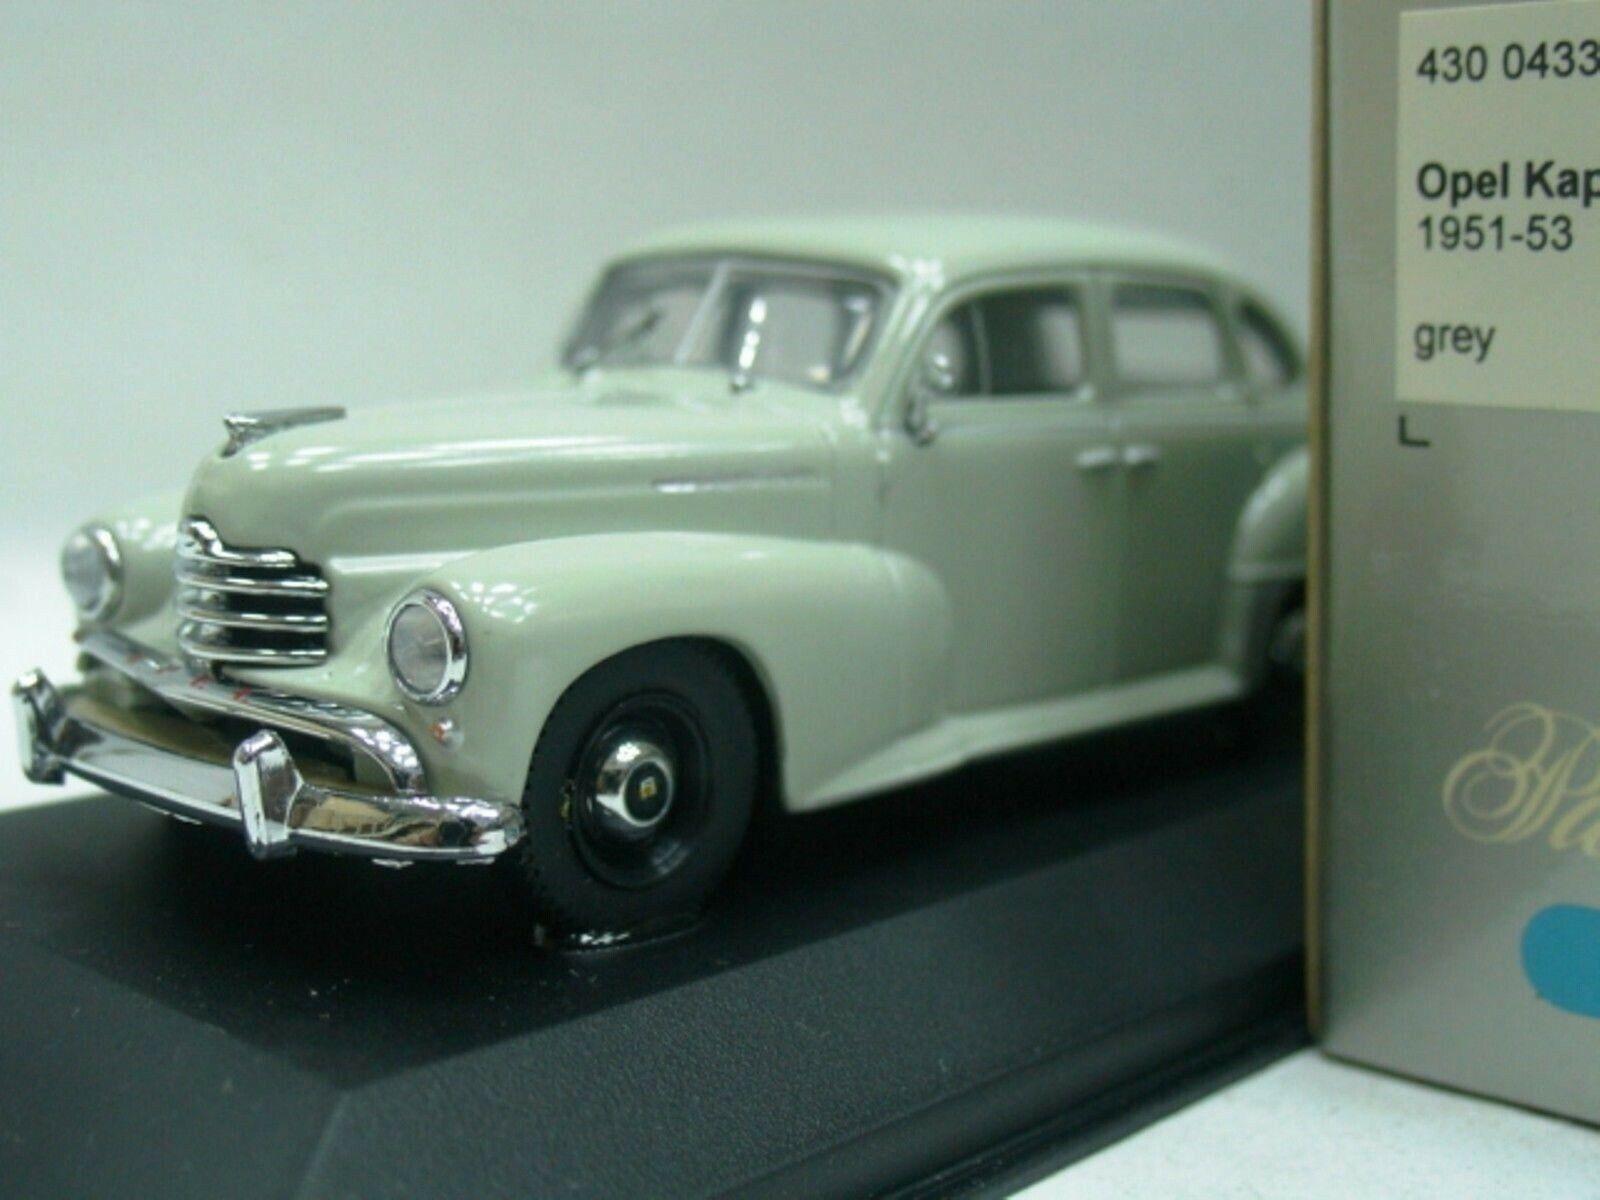 WOW EXTREMELY RARE Opel Kapitän 1951 1951 1951 Sedan 2.5L I6 L Grey 1 43 Minichamps-Rekord 07b46b